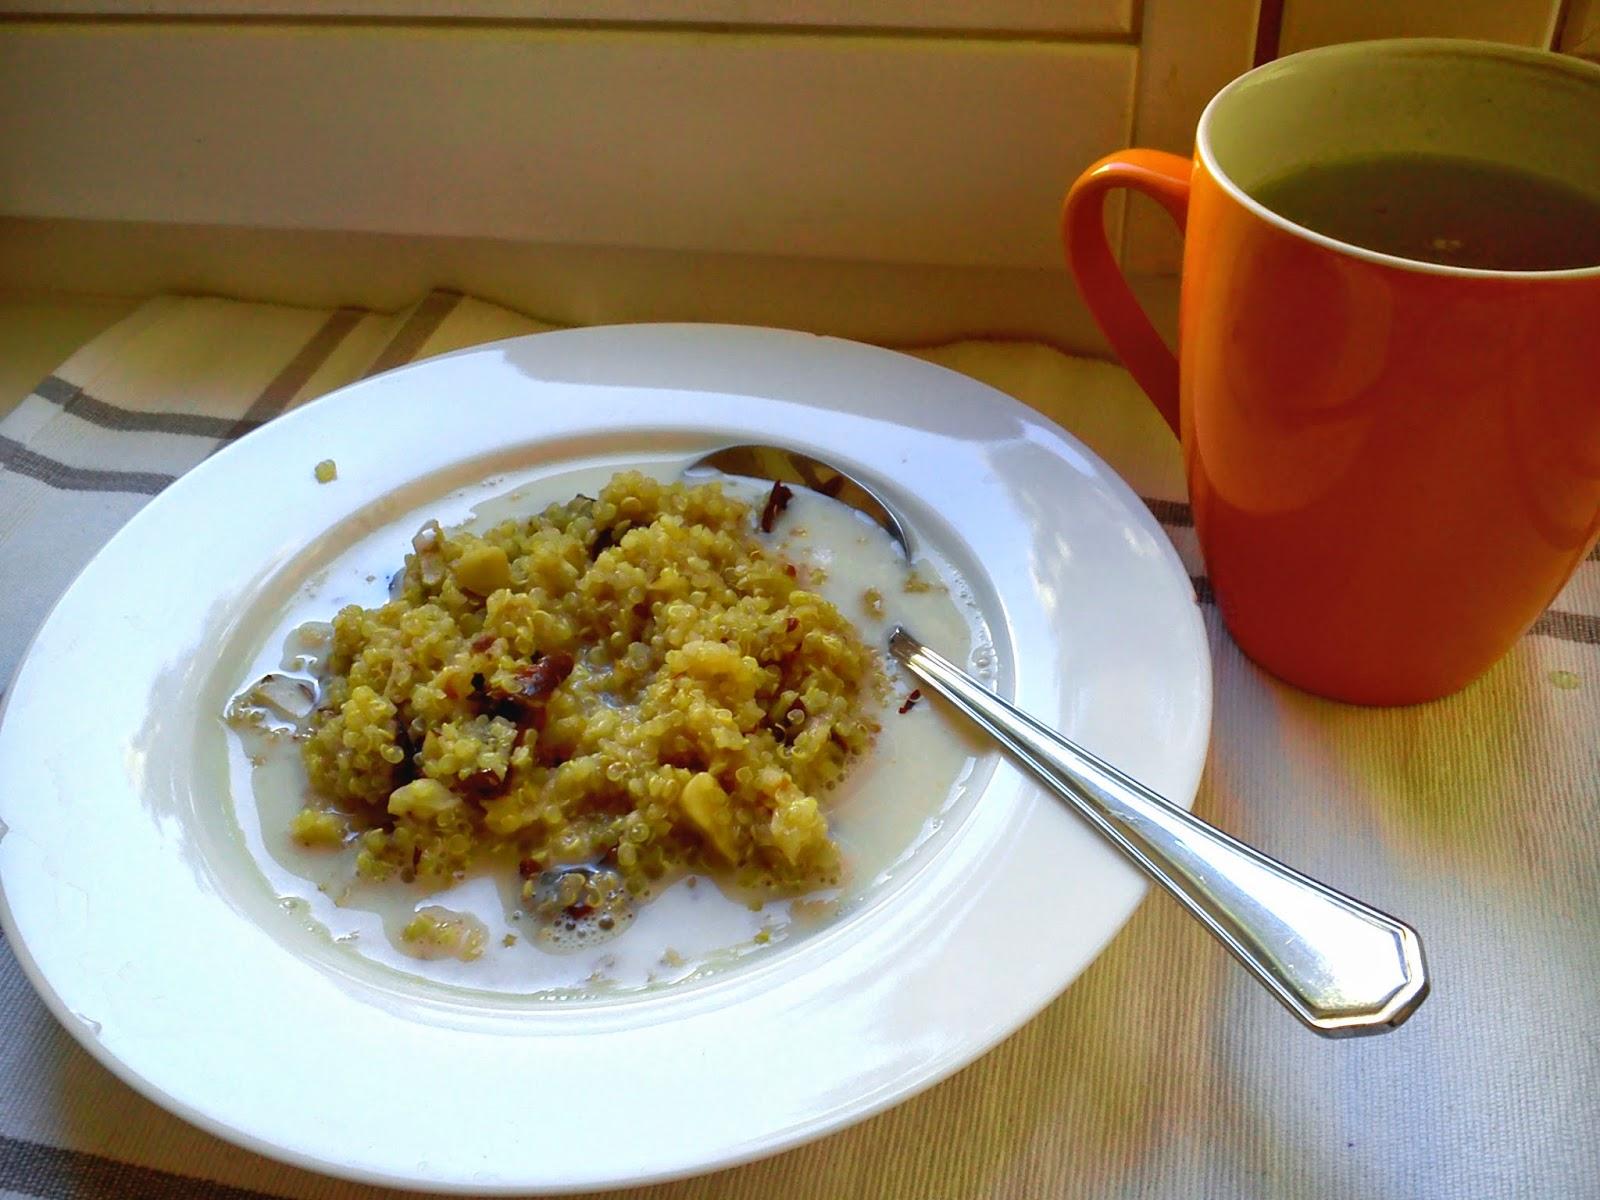 Reseptit - Kvinoa-puuro mantelimaidon kanssa.